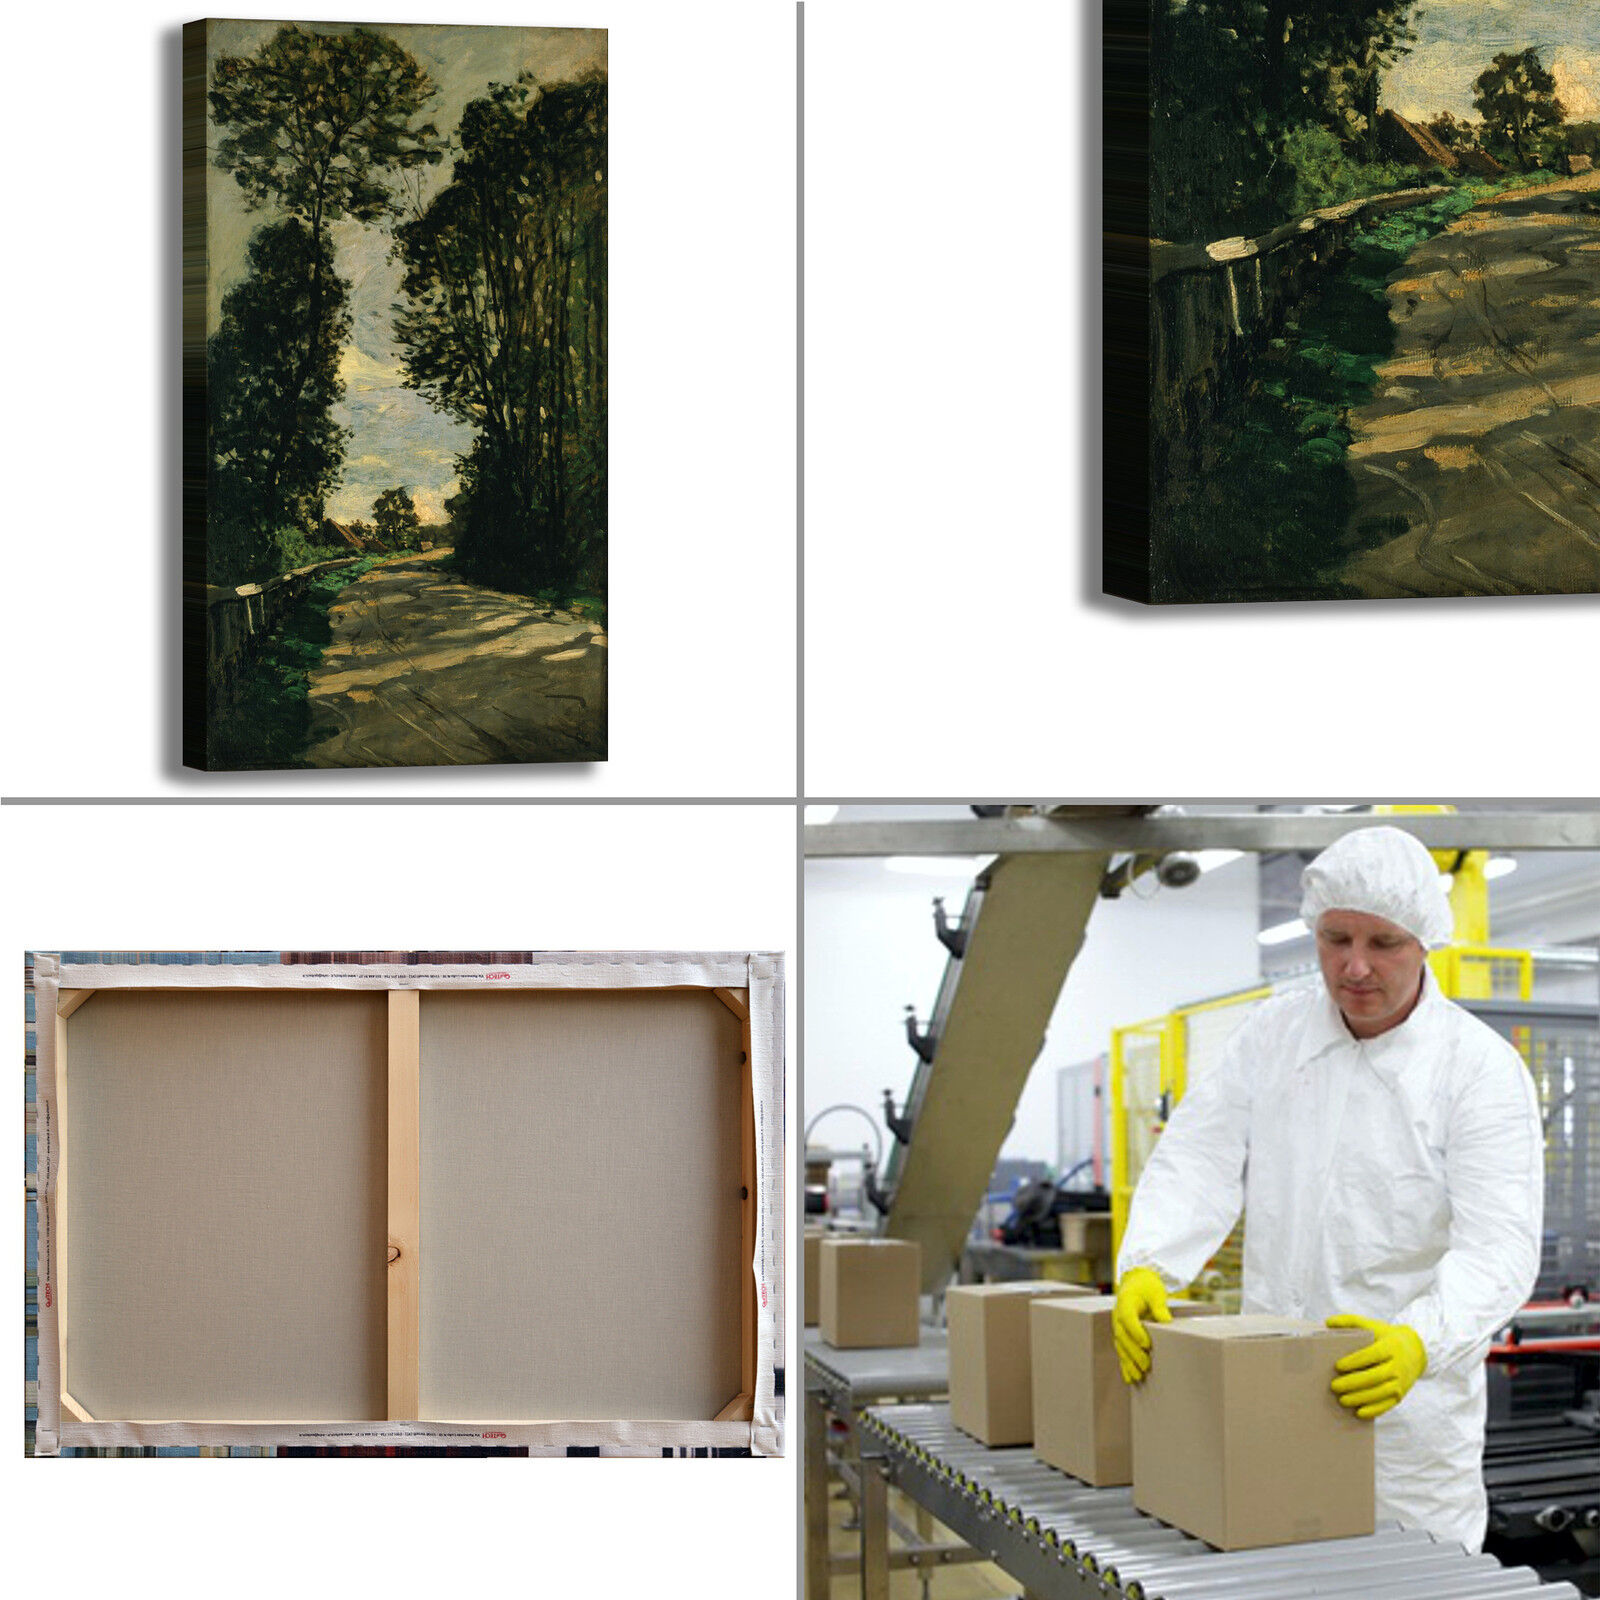 Monet passeggiata design quadro stampa tela dipinto telaio arrossoo casa casa casa 3b723e